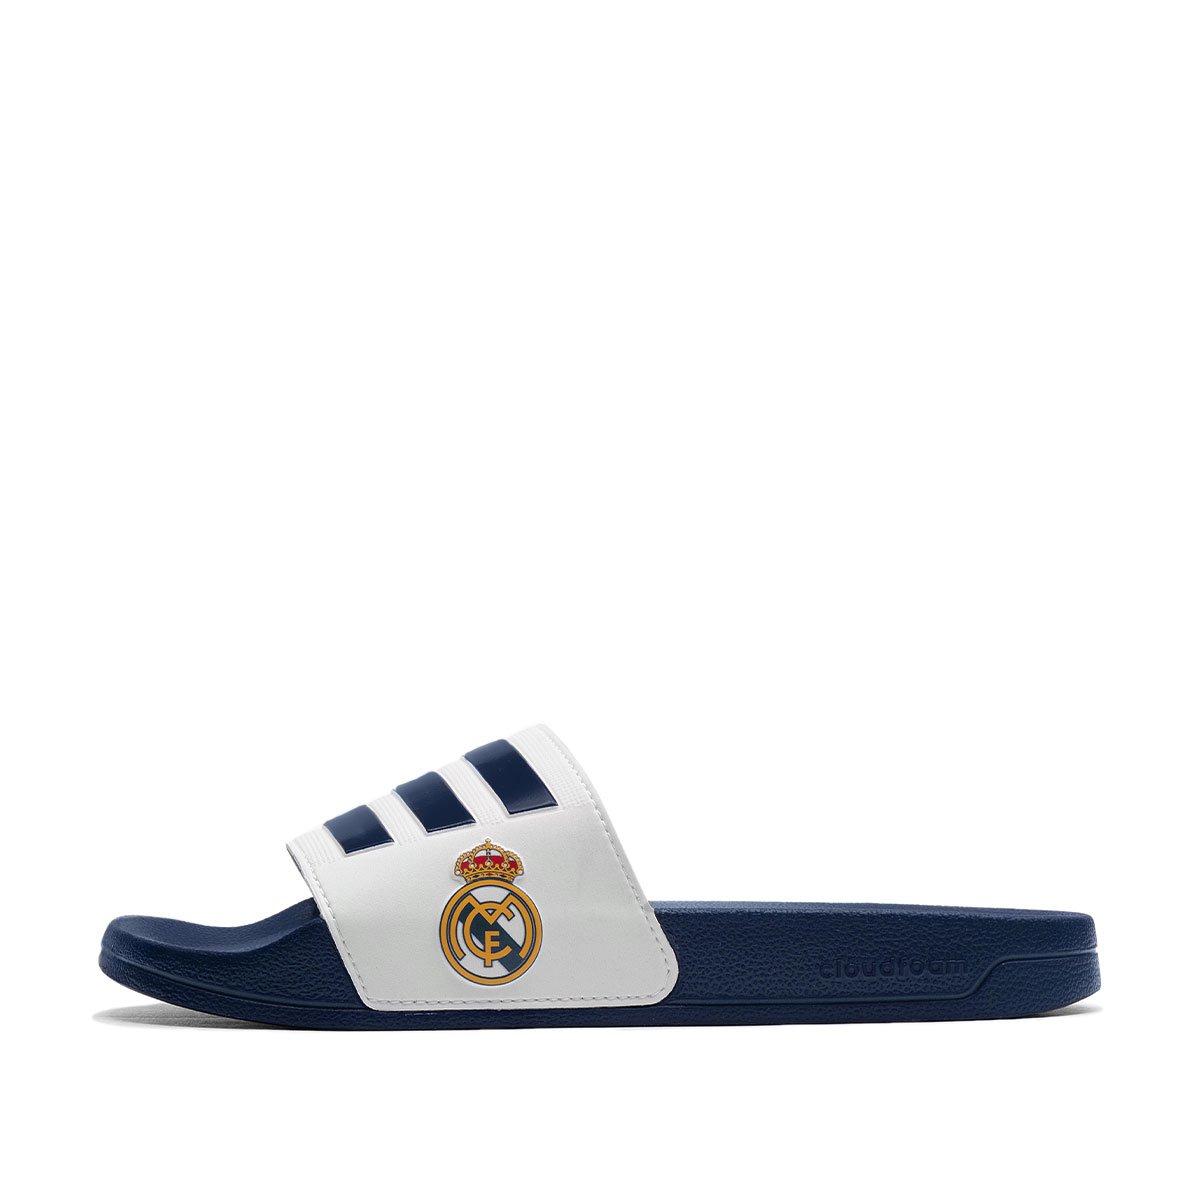 Adidas Adilette Shower Real Madrid